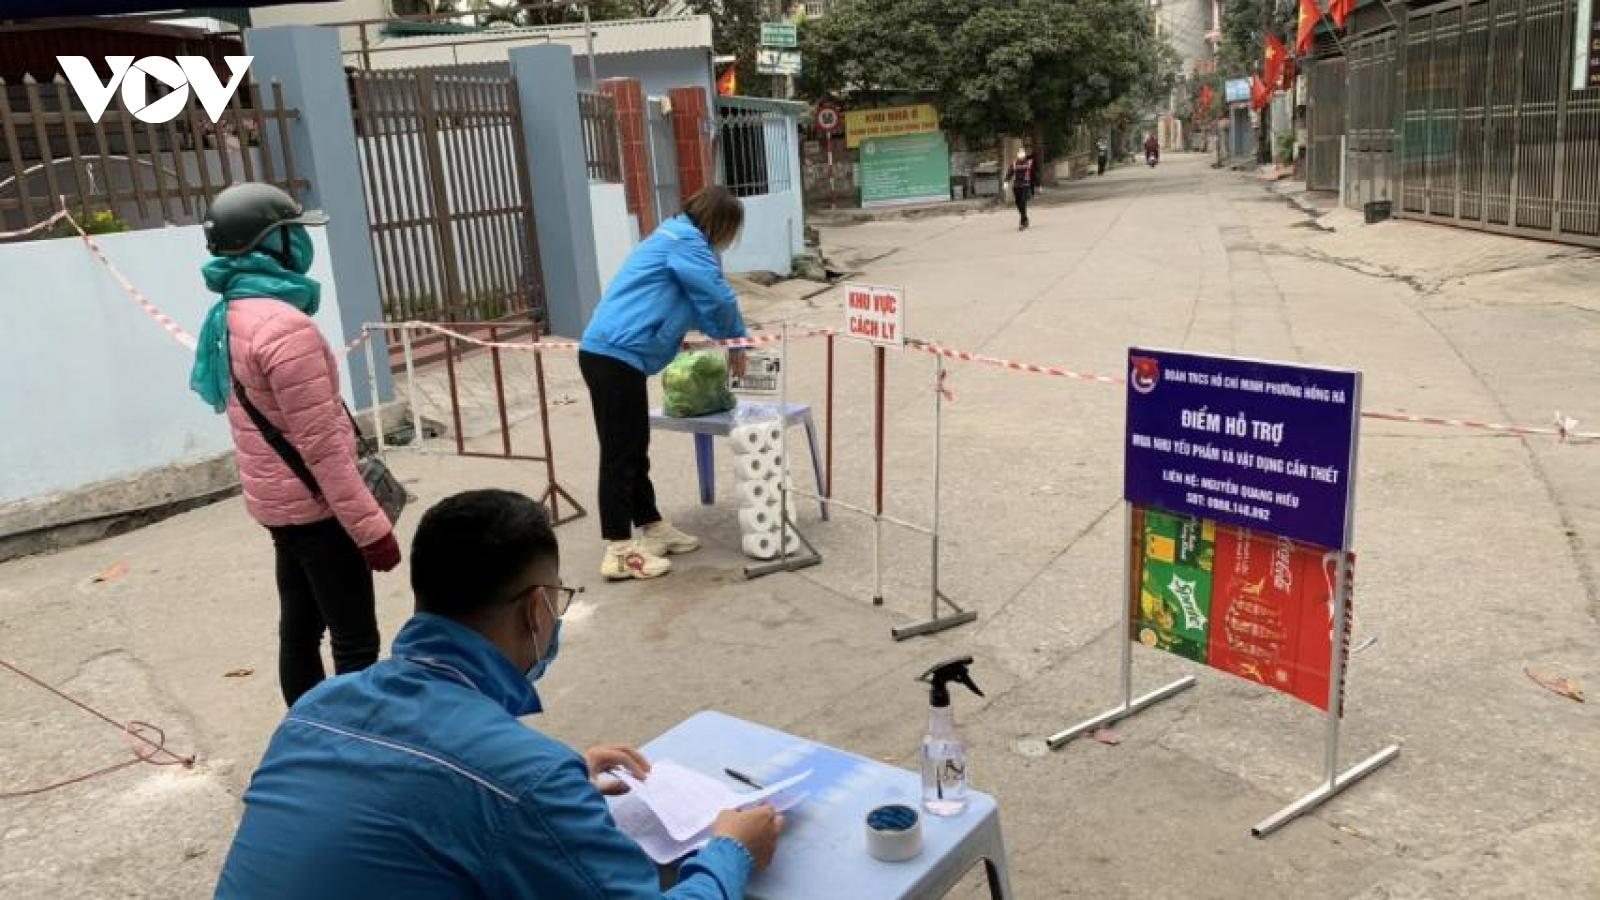 Quảng Ninh tiếp tục siết chặt các biện pháp chống dịch Covid-19